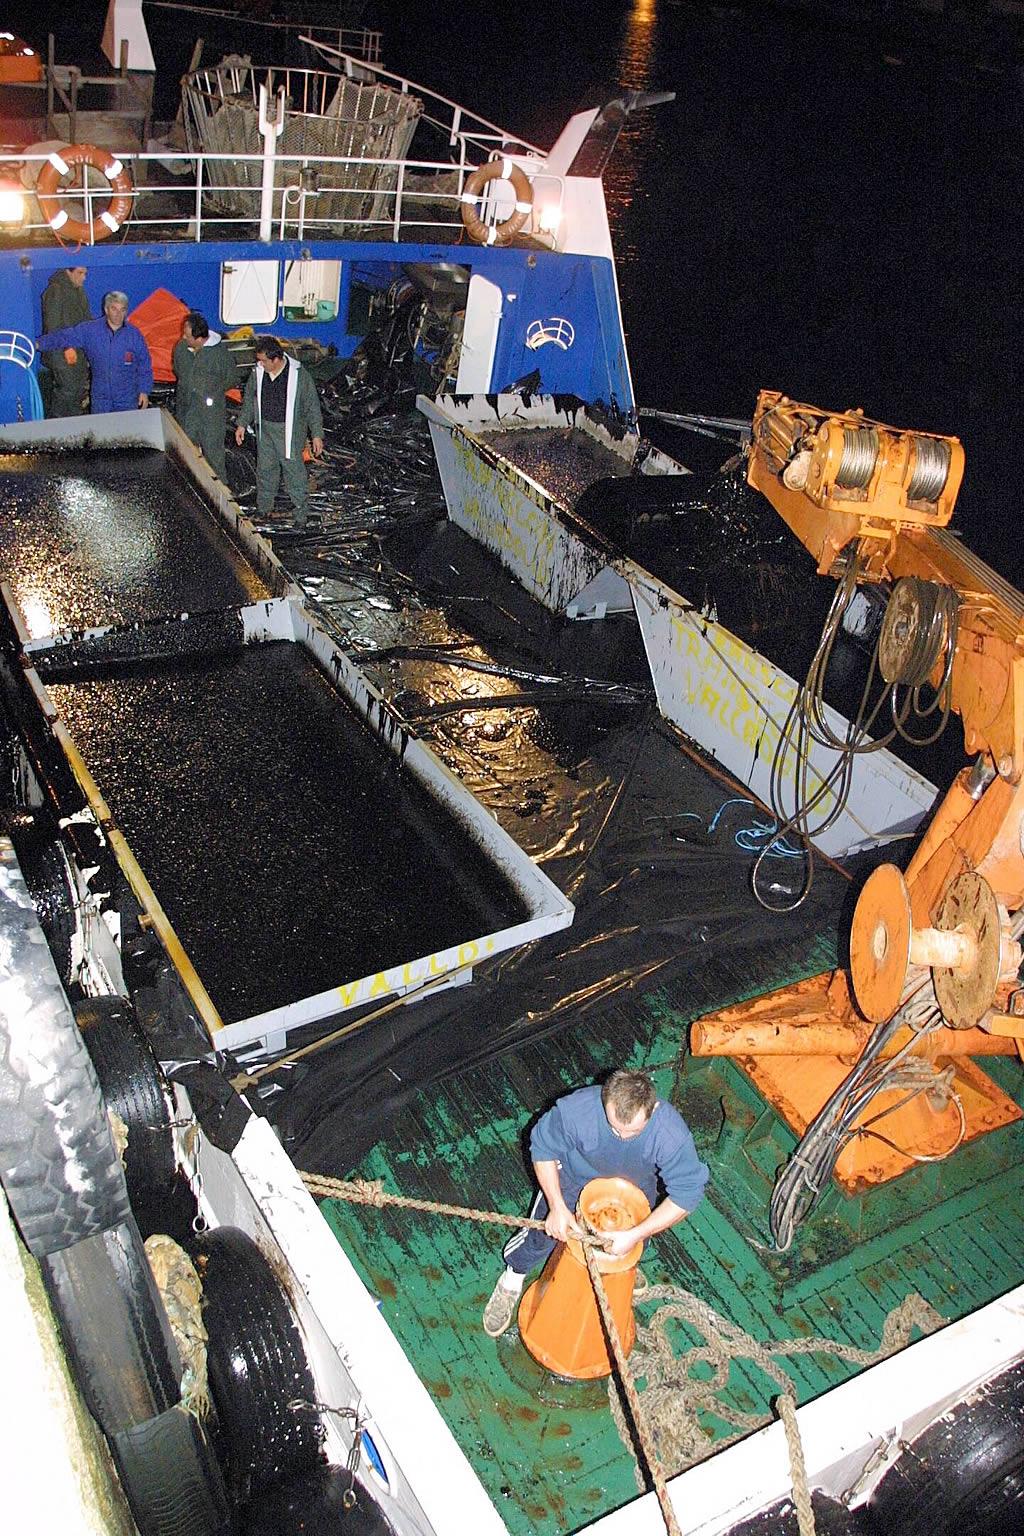 102/12/2002 <br>Barcos bateeiros llegan la puerto de Aguiño con fuel recogido delante de la isla Sagres  <br>Simón Balvís